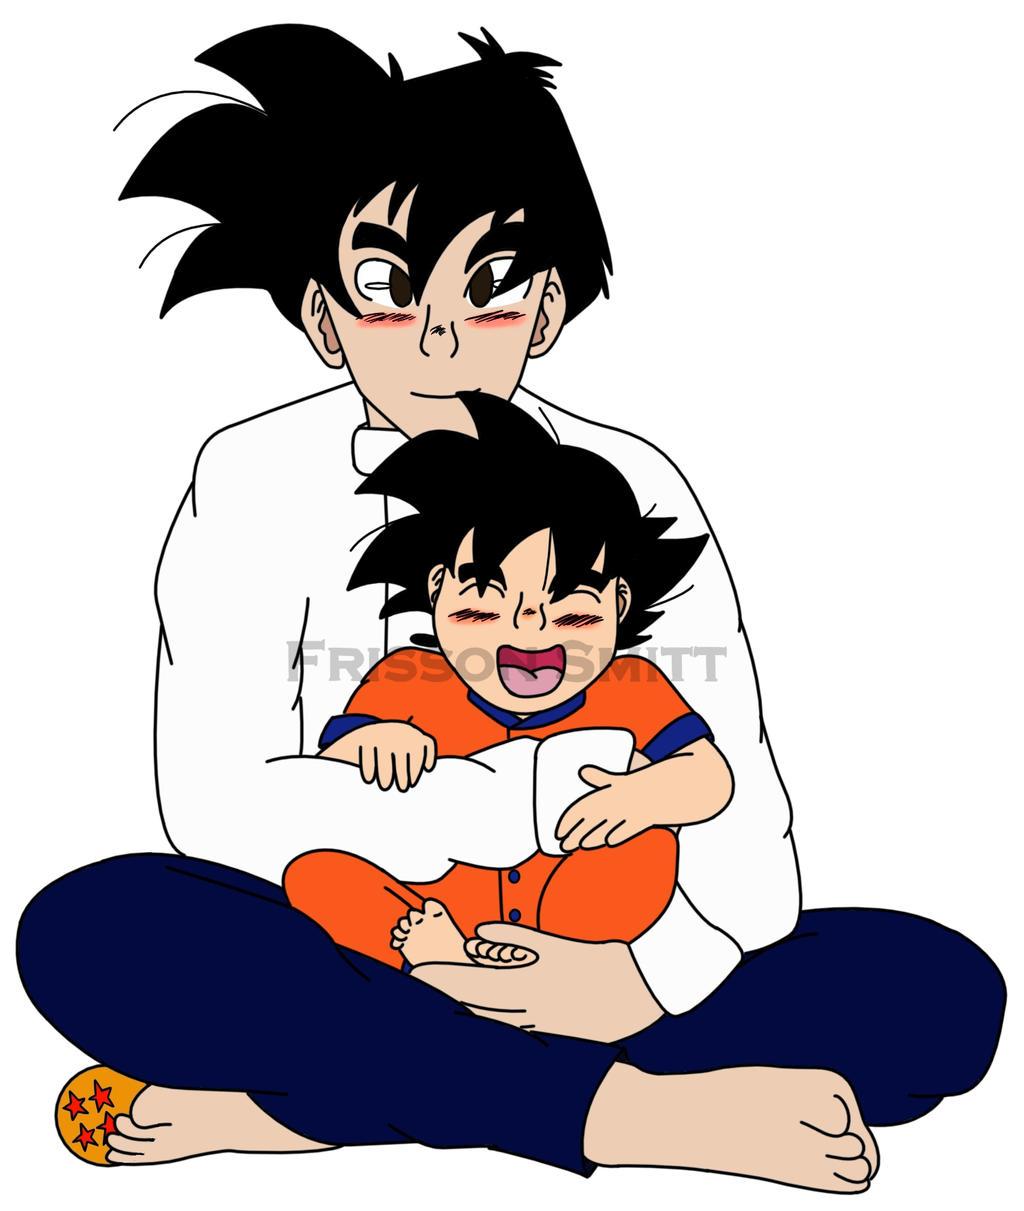 Baby Goten And Gohan | www.pixshark.com - Images Galleries ...